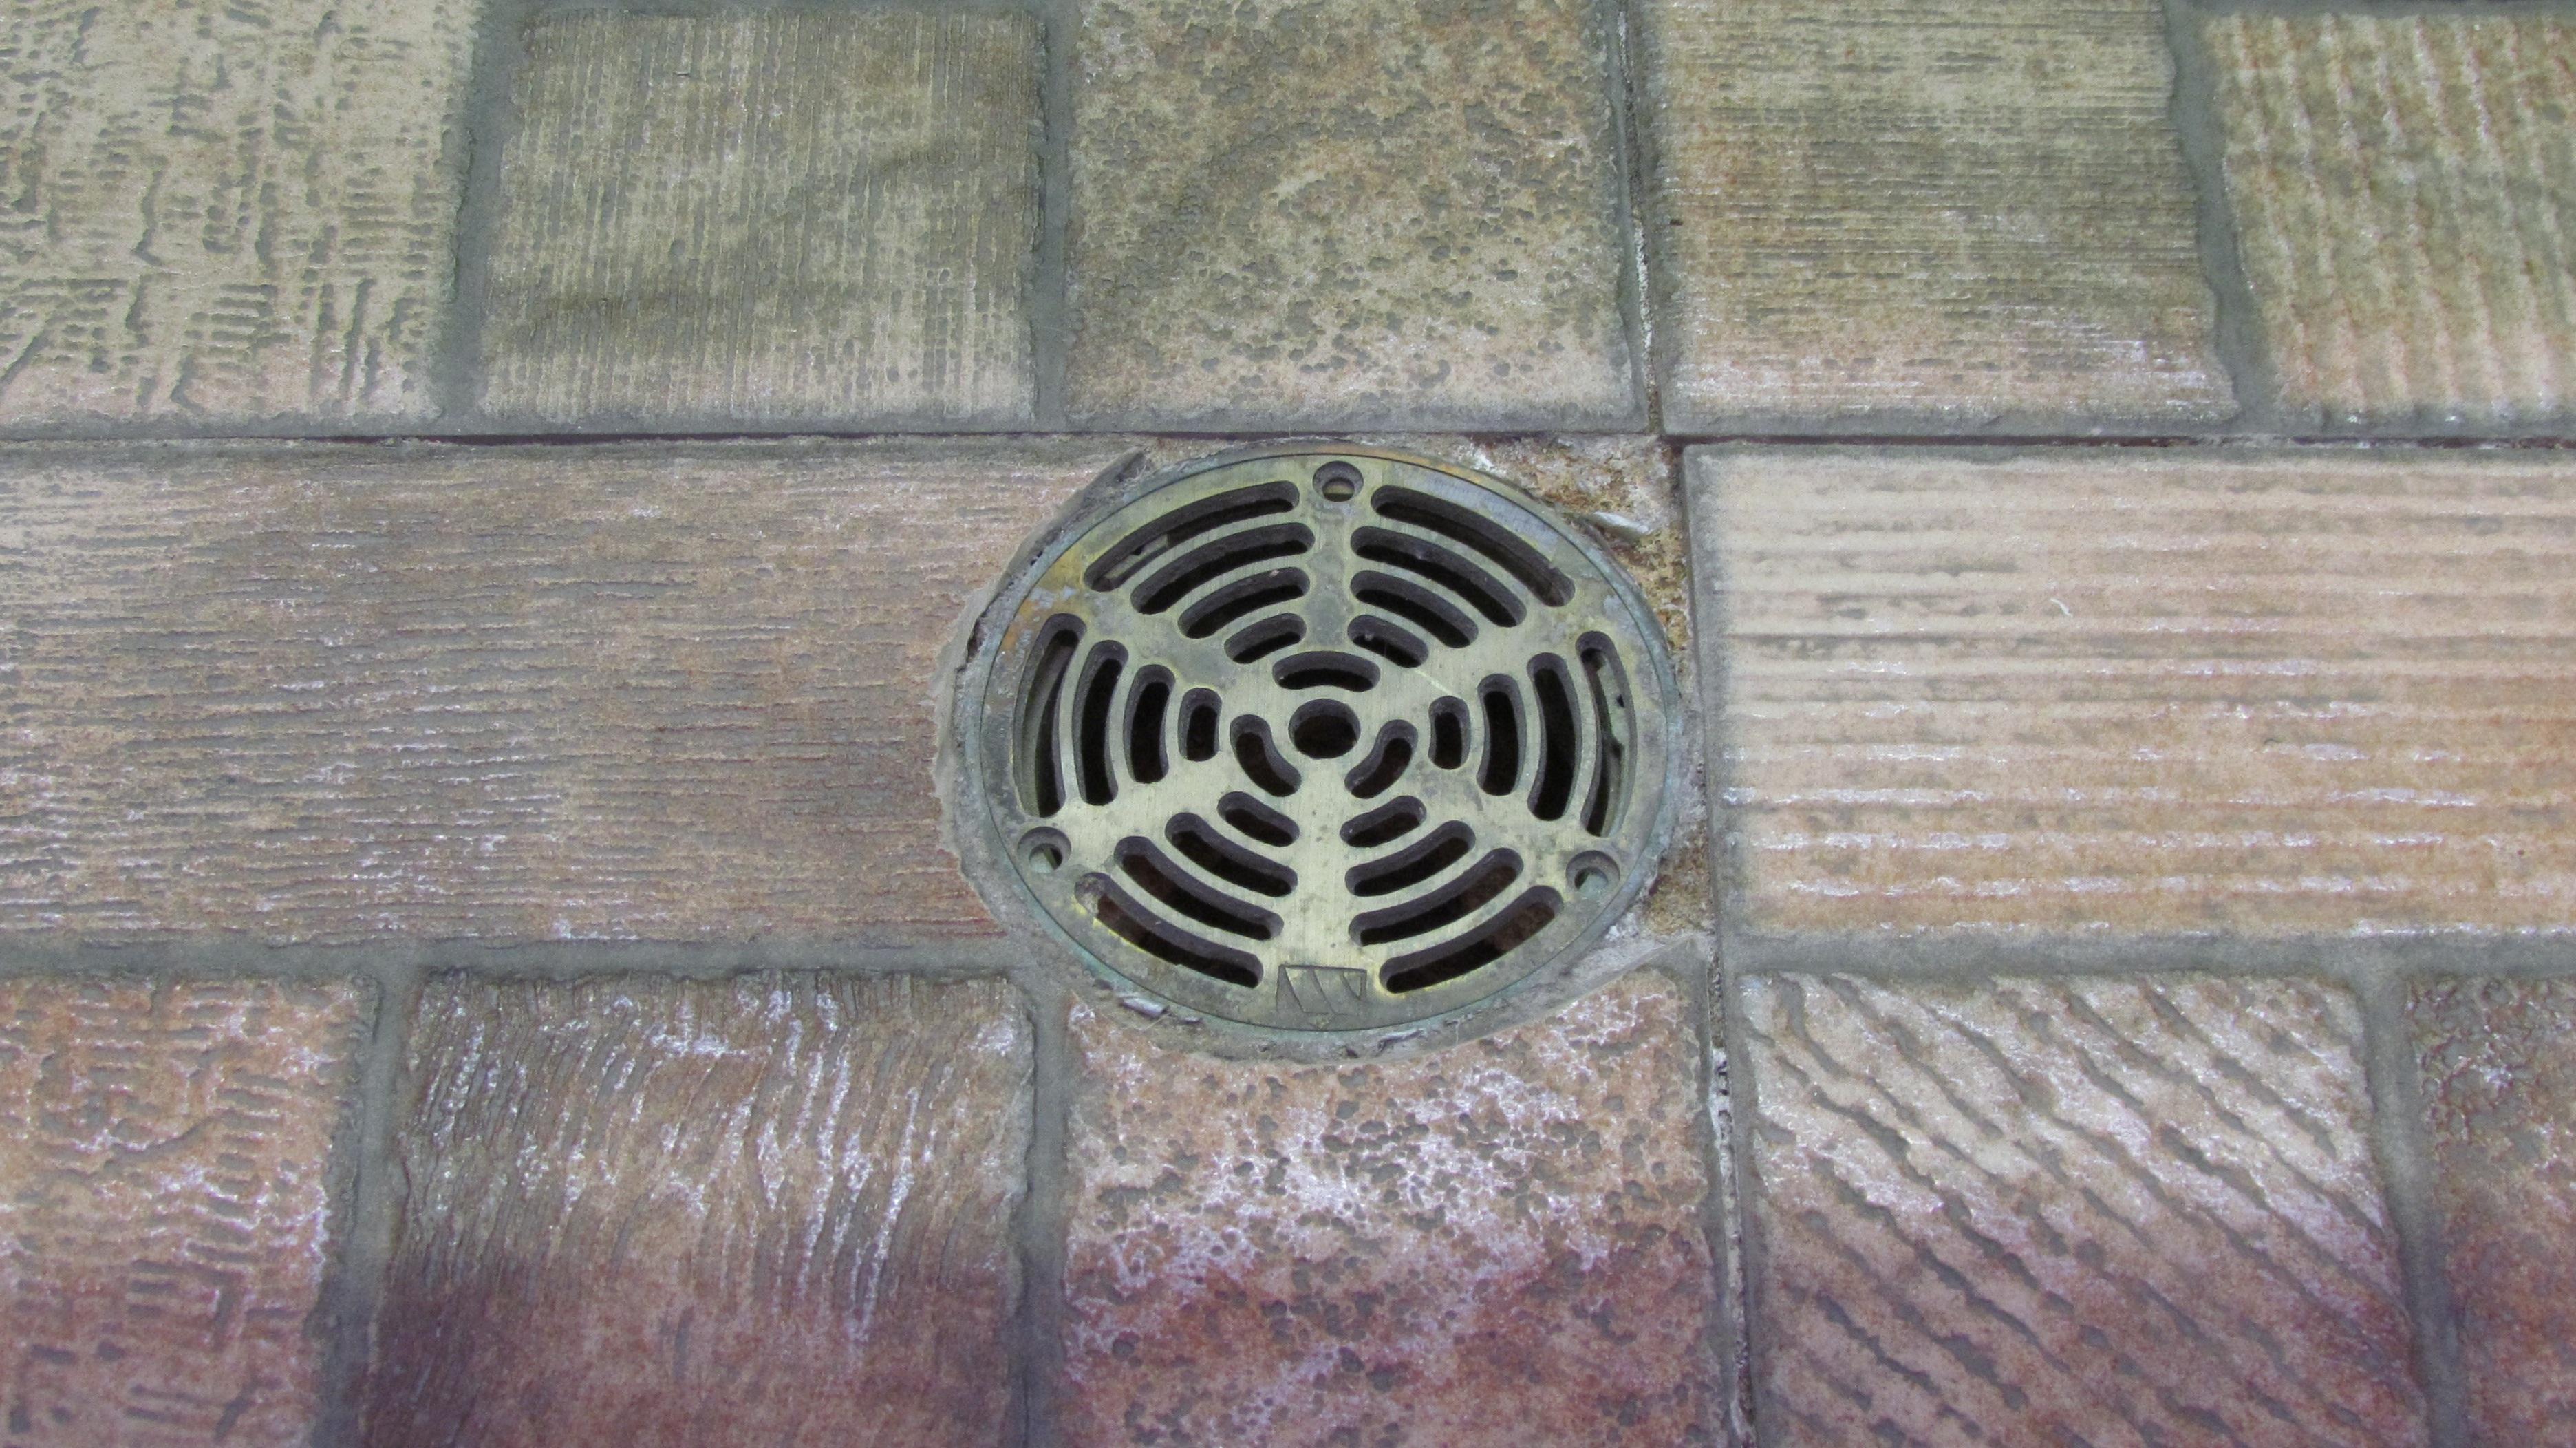 madera textura piso ventana antiguo metal interior drenaje rallar desage azulejos hierro cubrir plomera piso